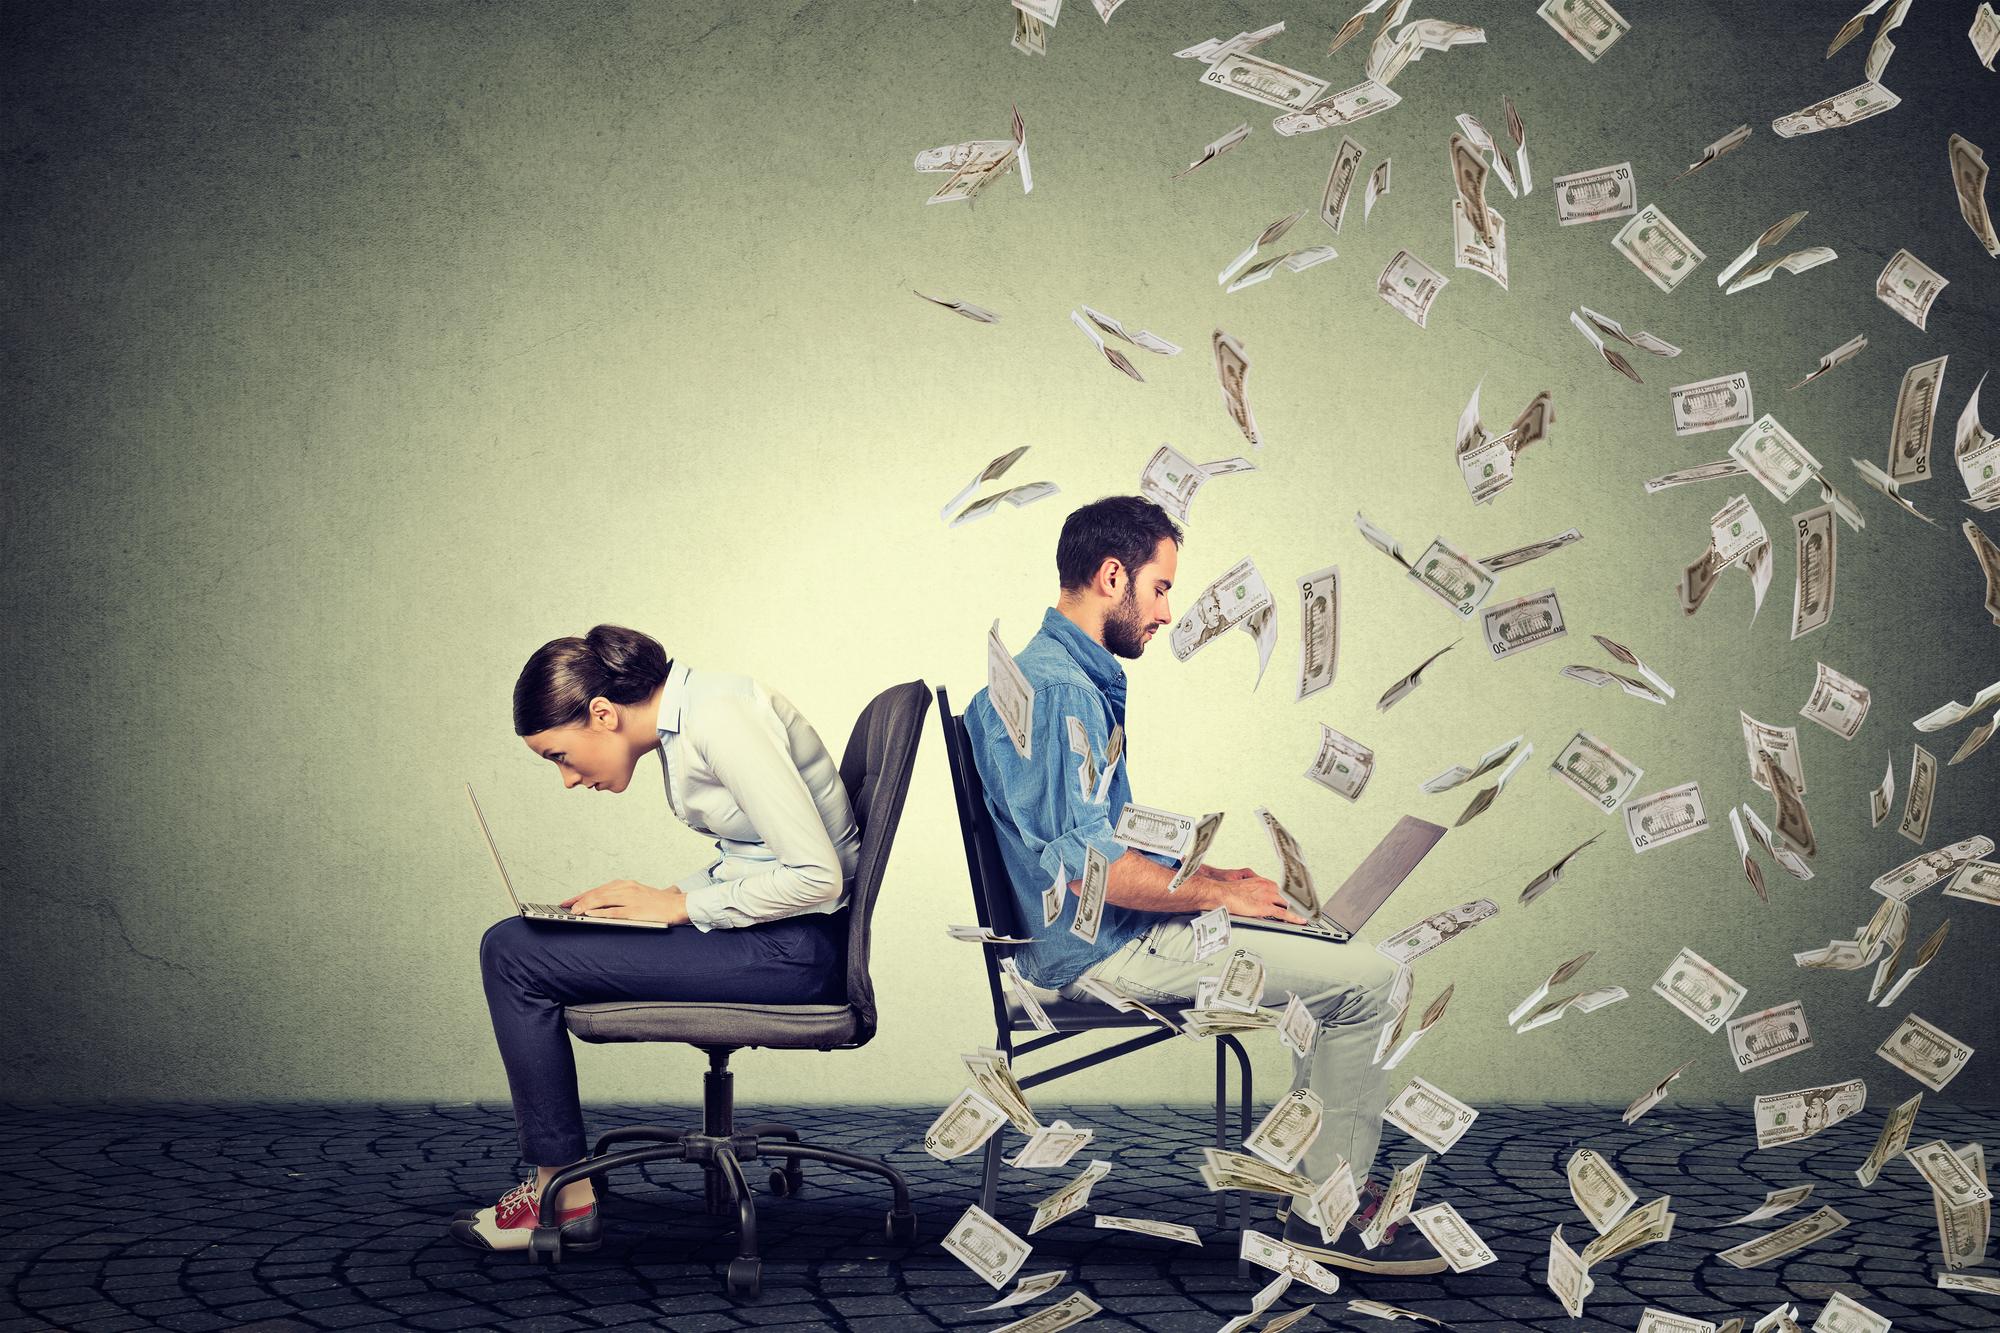 No seu consultório tem funcionários que exercem a mesma função e ganham salários diferentes? O que diz a lei?